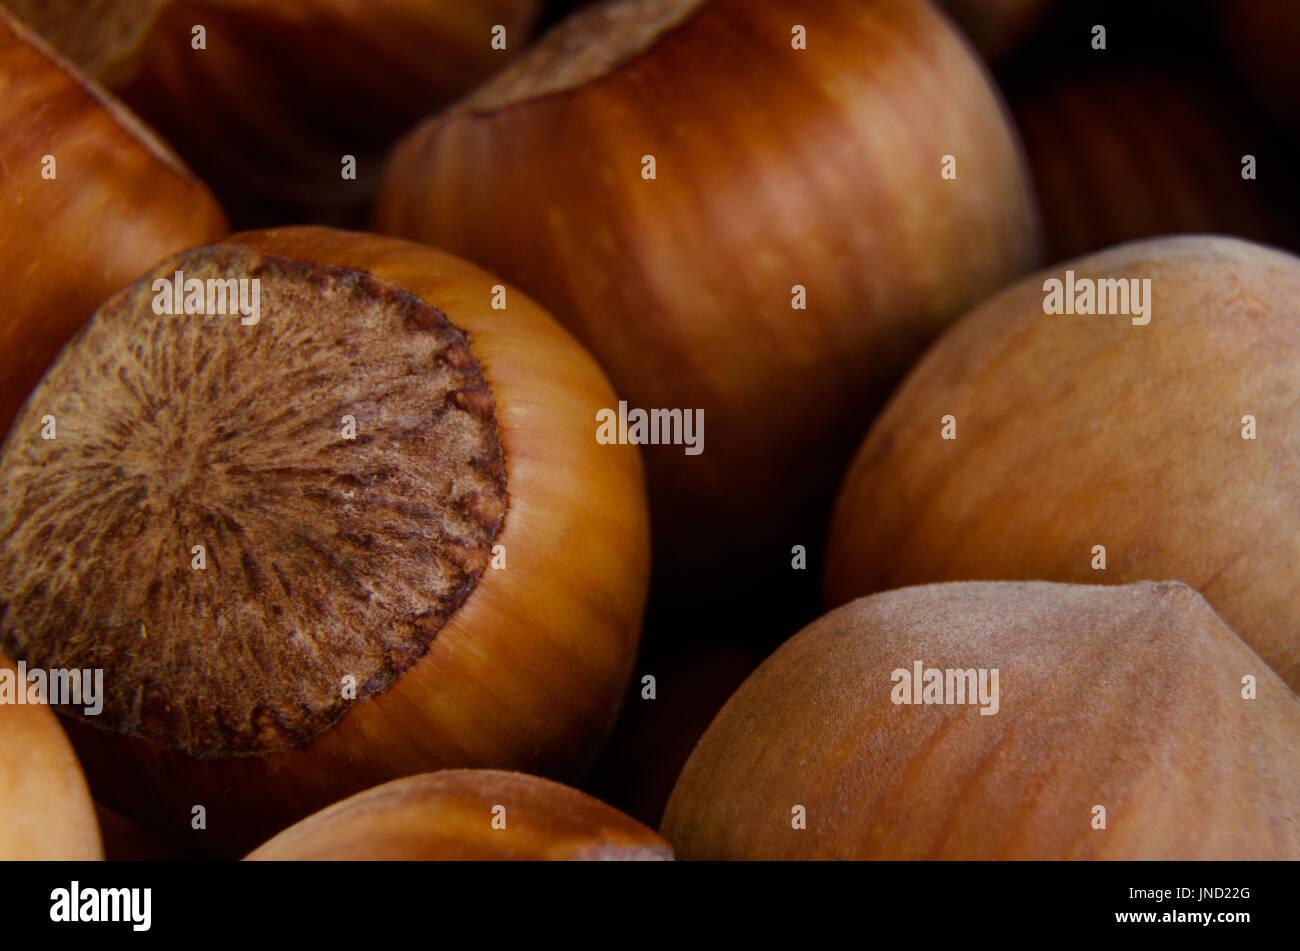 Macro photo of hazelnut heap; Focus on the nearest part Stock Photo